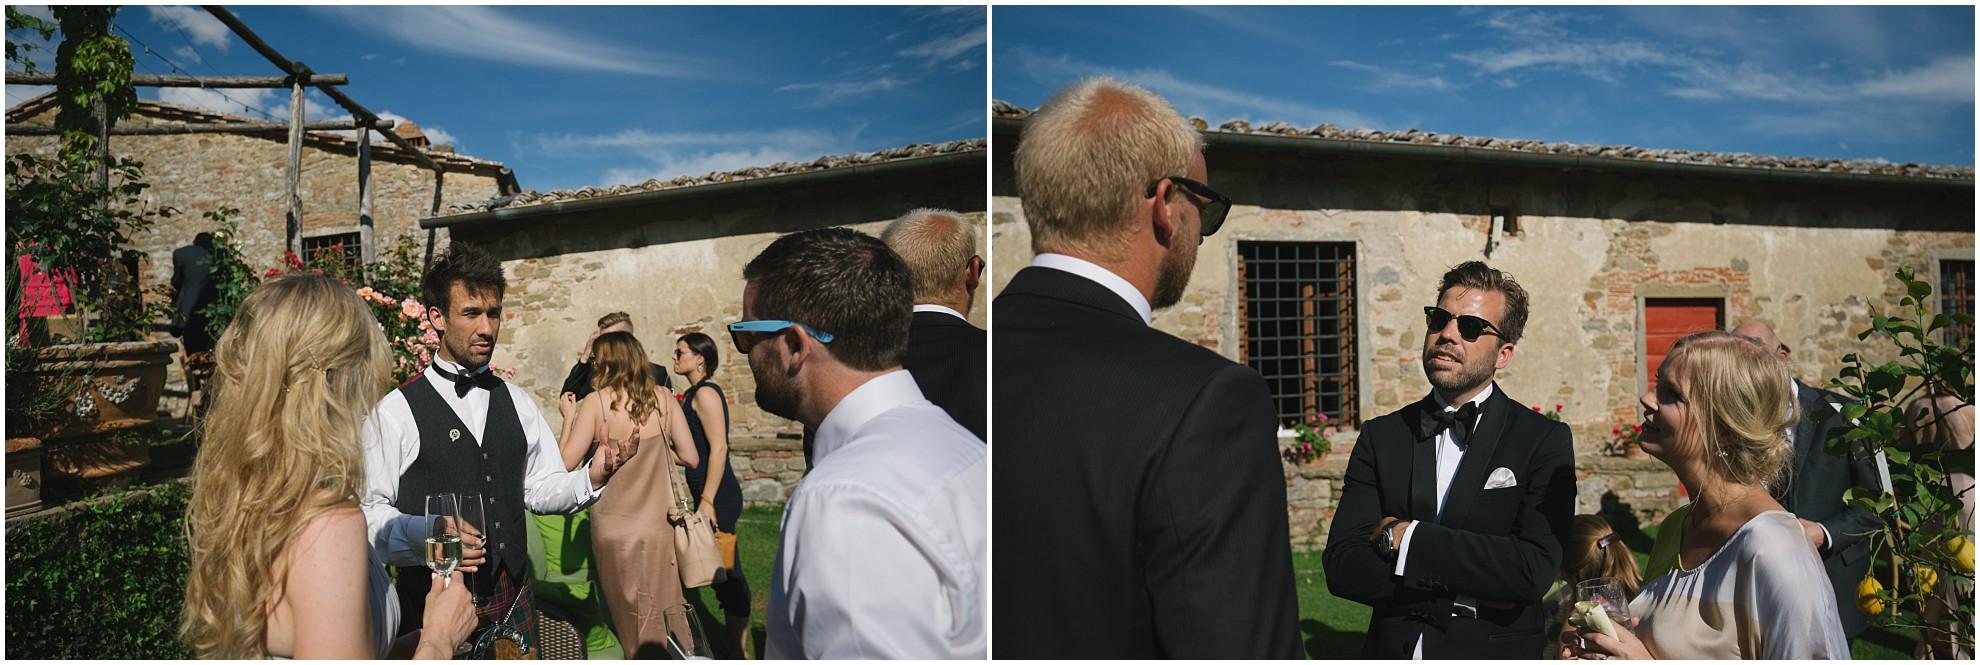 tuscany-wedding-photographer-065